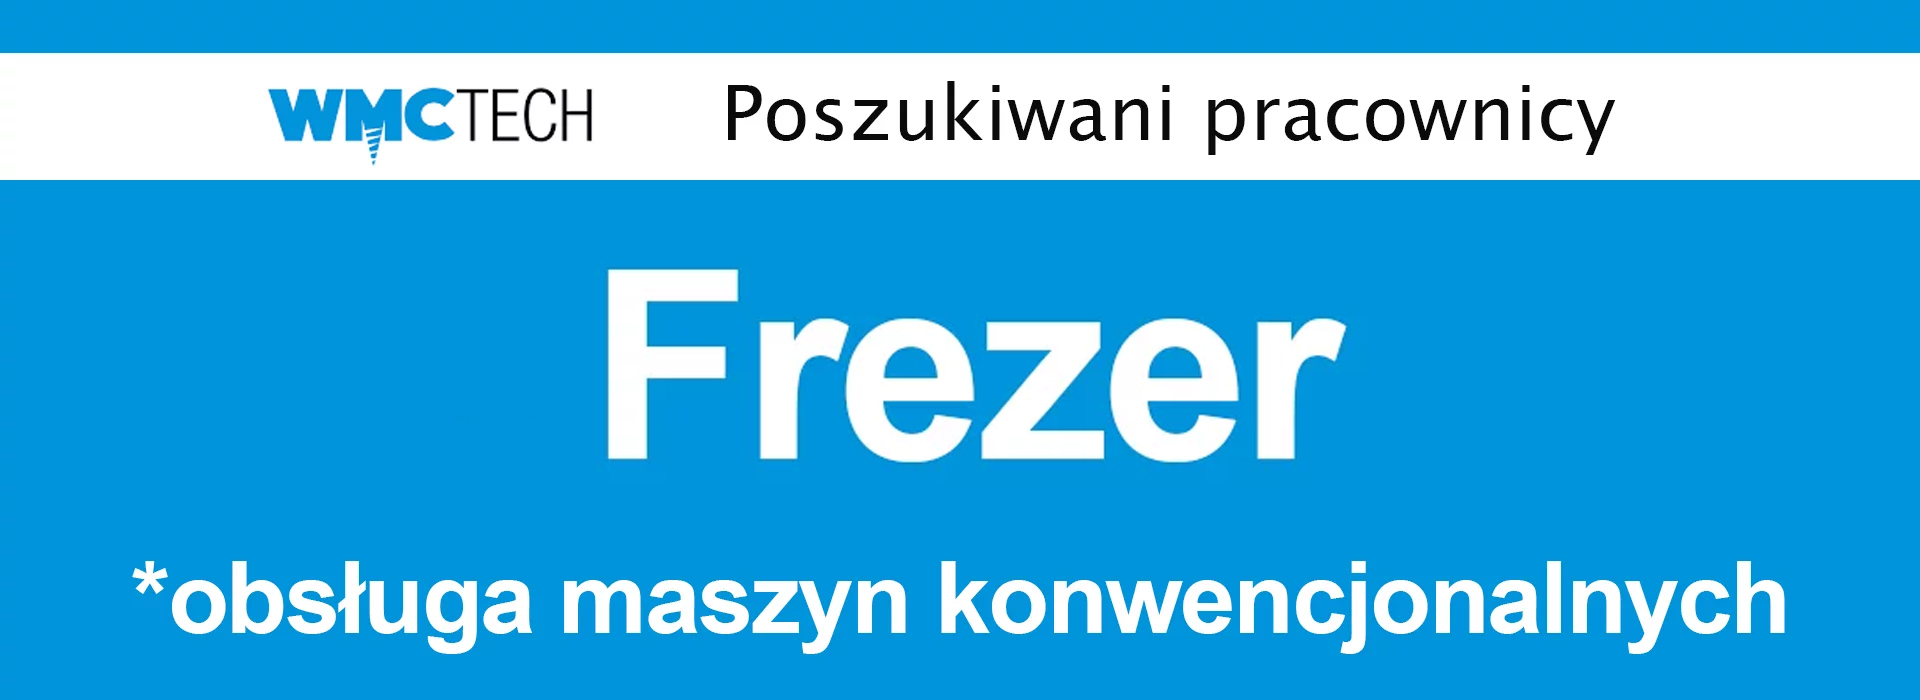 Nowe oferty pracy z firmy WMC TECH - Frezer